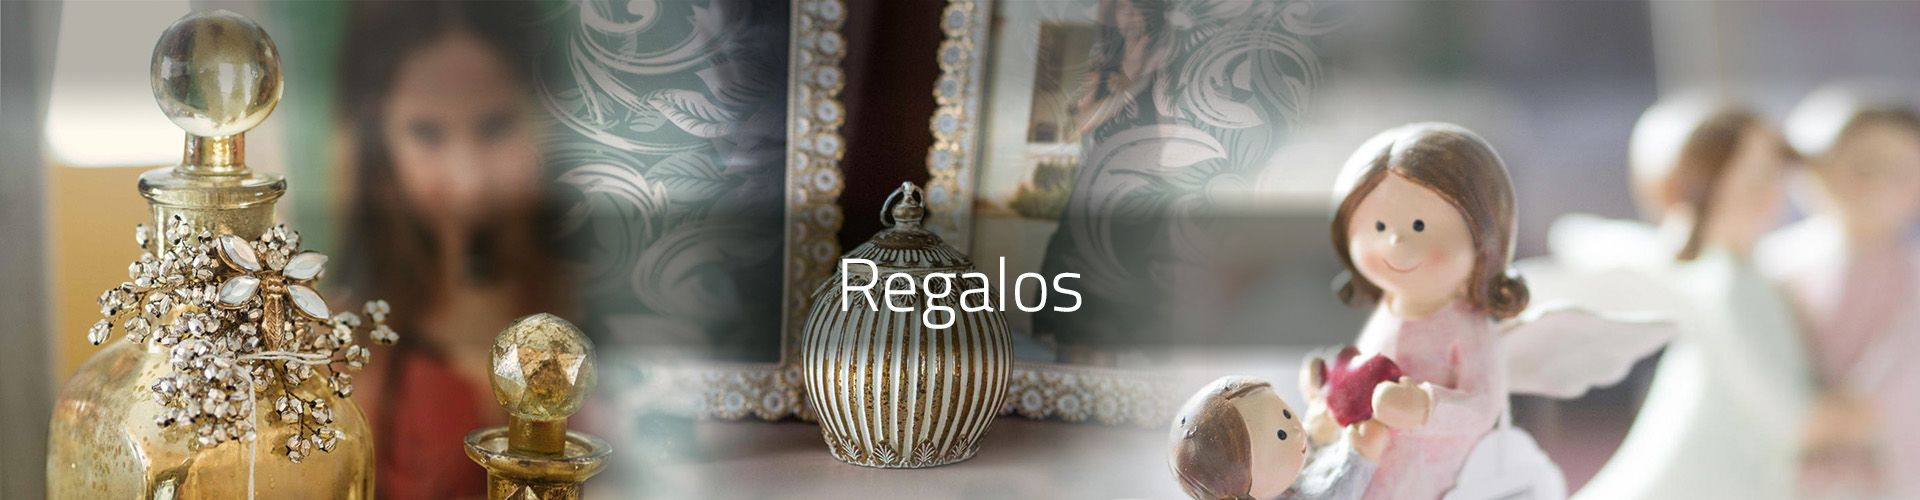 Cabecera Regalos